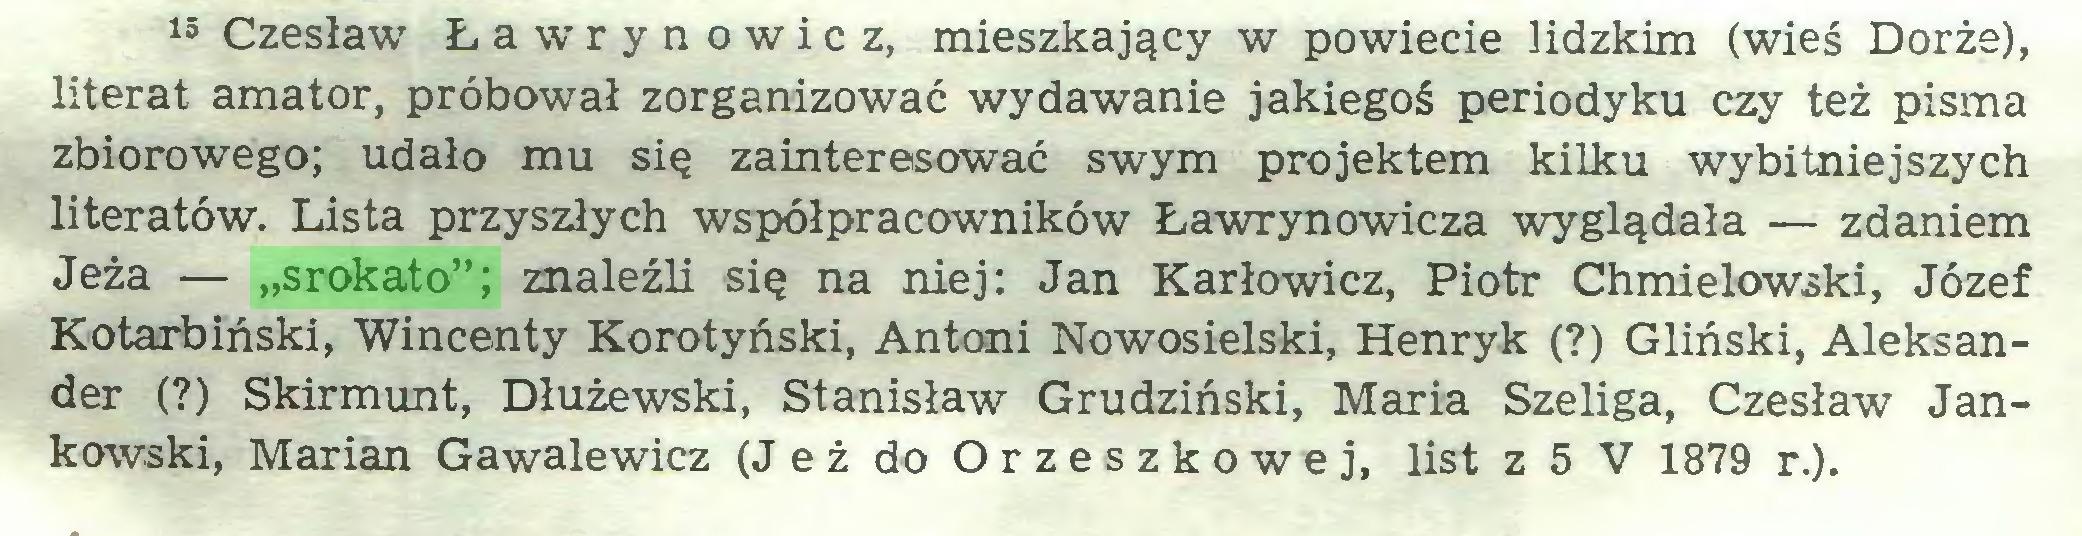 """(...) 15 Czesław Ławrynowicz, mieszkający w powiecie lidzkim (wieś Dorże), literat amator, próbował zorganizować wydawanie jakiegoś periodyku czy też pisma zbiorowego; udało mu się zainteresować swym projektem kilku wybitniejszych literatów. Lista przyszłych współpracowników Ławrynowicza wyglądała — zdaniem Jeża — """"srokato""""; znaleźli się na niej: Jan Karłowicz, Piotr Chmielowski, Józef Kotarbiński, Wincenty Korotyński, Antoni Nowosielski, Henryk (?) Gliński, Aleksander (?) Skirmunt, Dłużewski, Stanisław Grudziński, Maria Szeliga, Czesław Jankowski, Marian Gawalewicz (Jeż do Orzeszkowej, list z 5 V 1879 r.)..."""